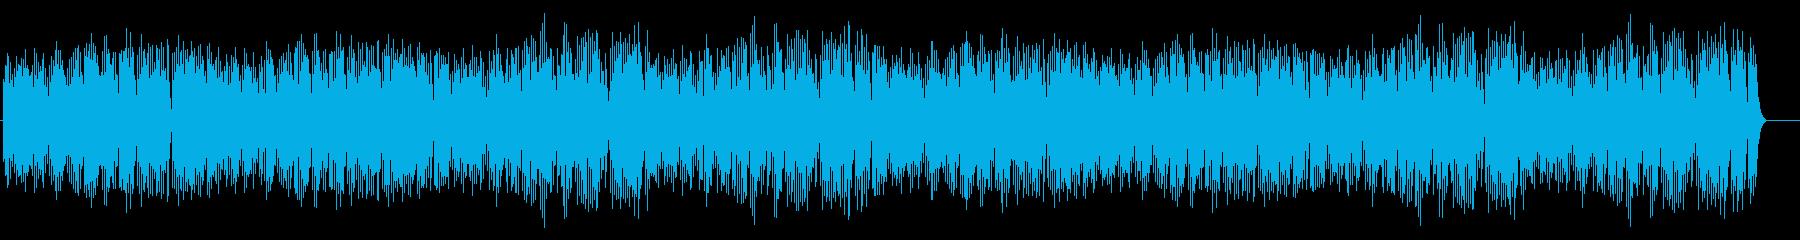 ほんわか明るい・軽快でシンプルマリンバ曲の再生済みの波形